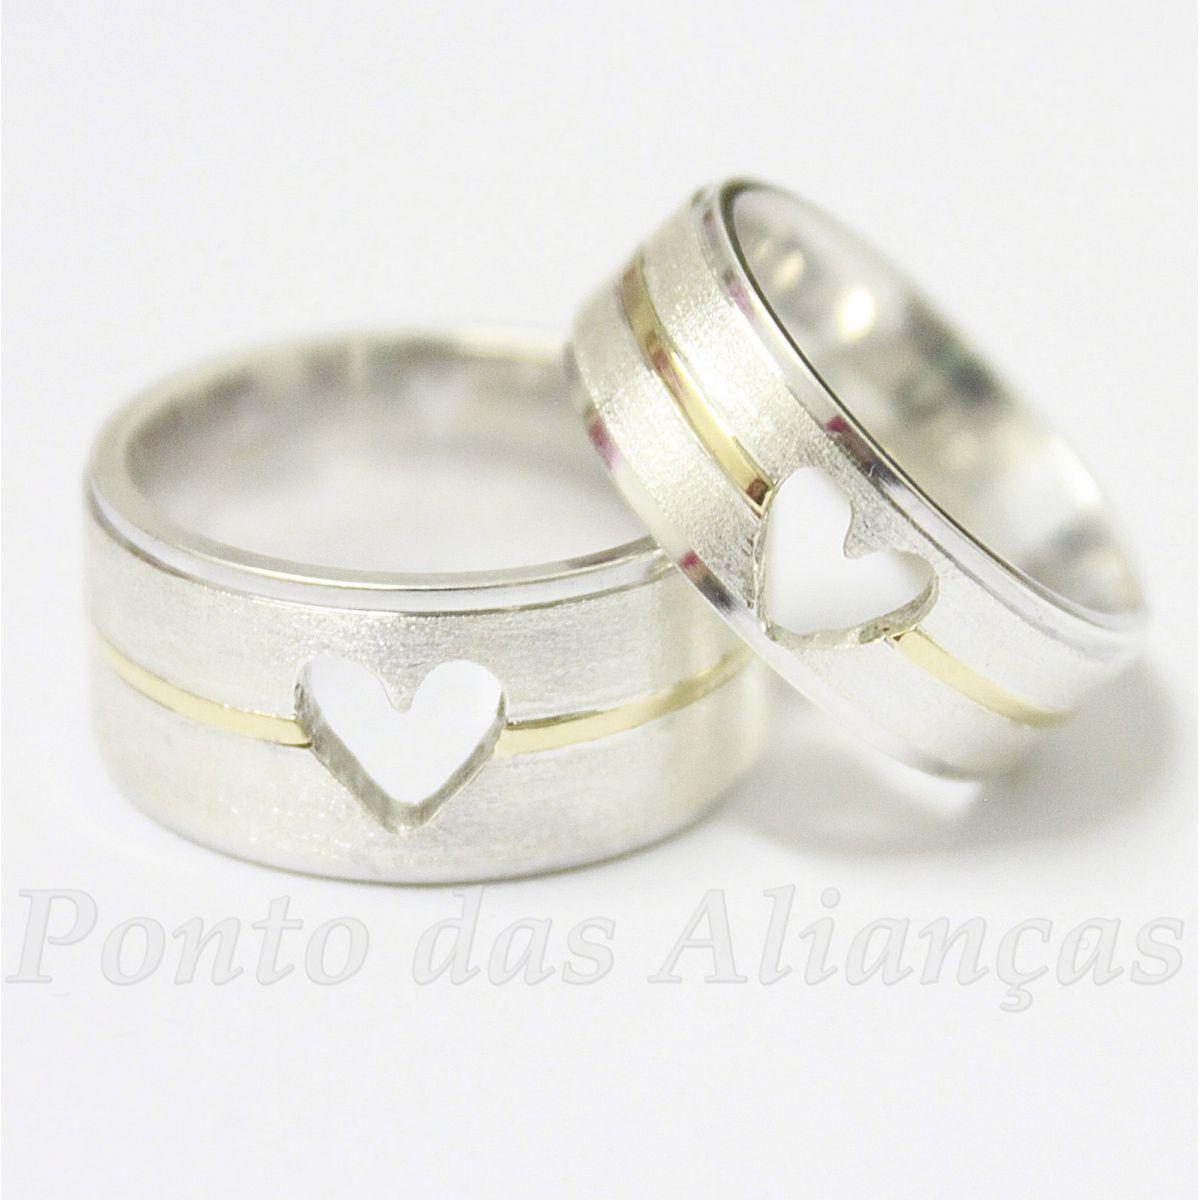 Alianças de Ouro e Prata Casamento ou Noivado - 531